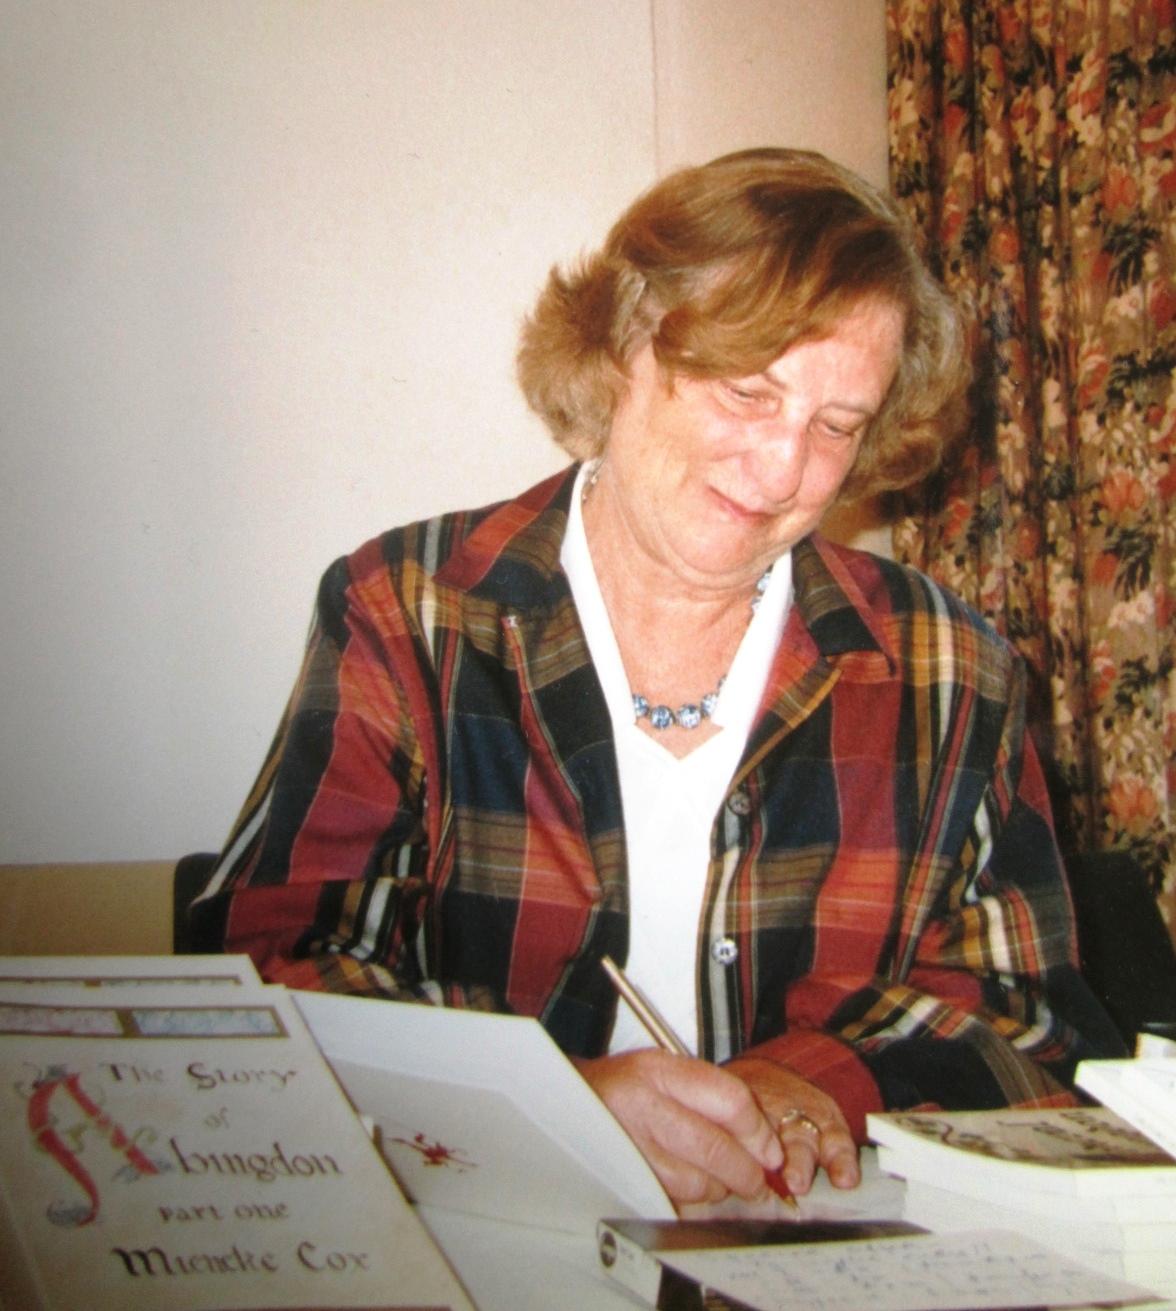 Mieneke Cox in 1996